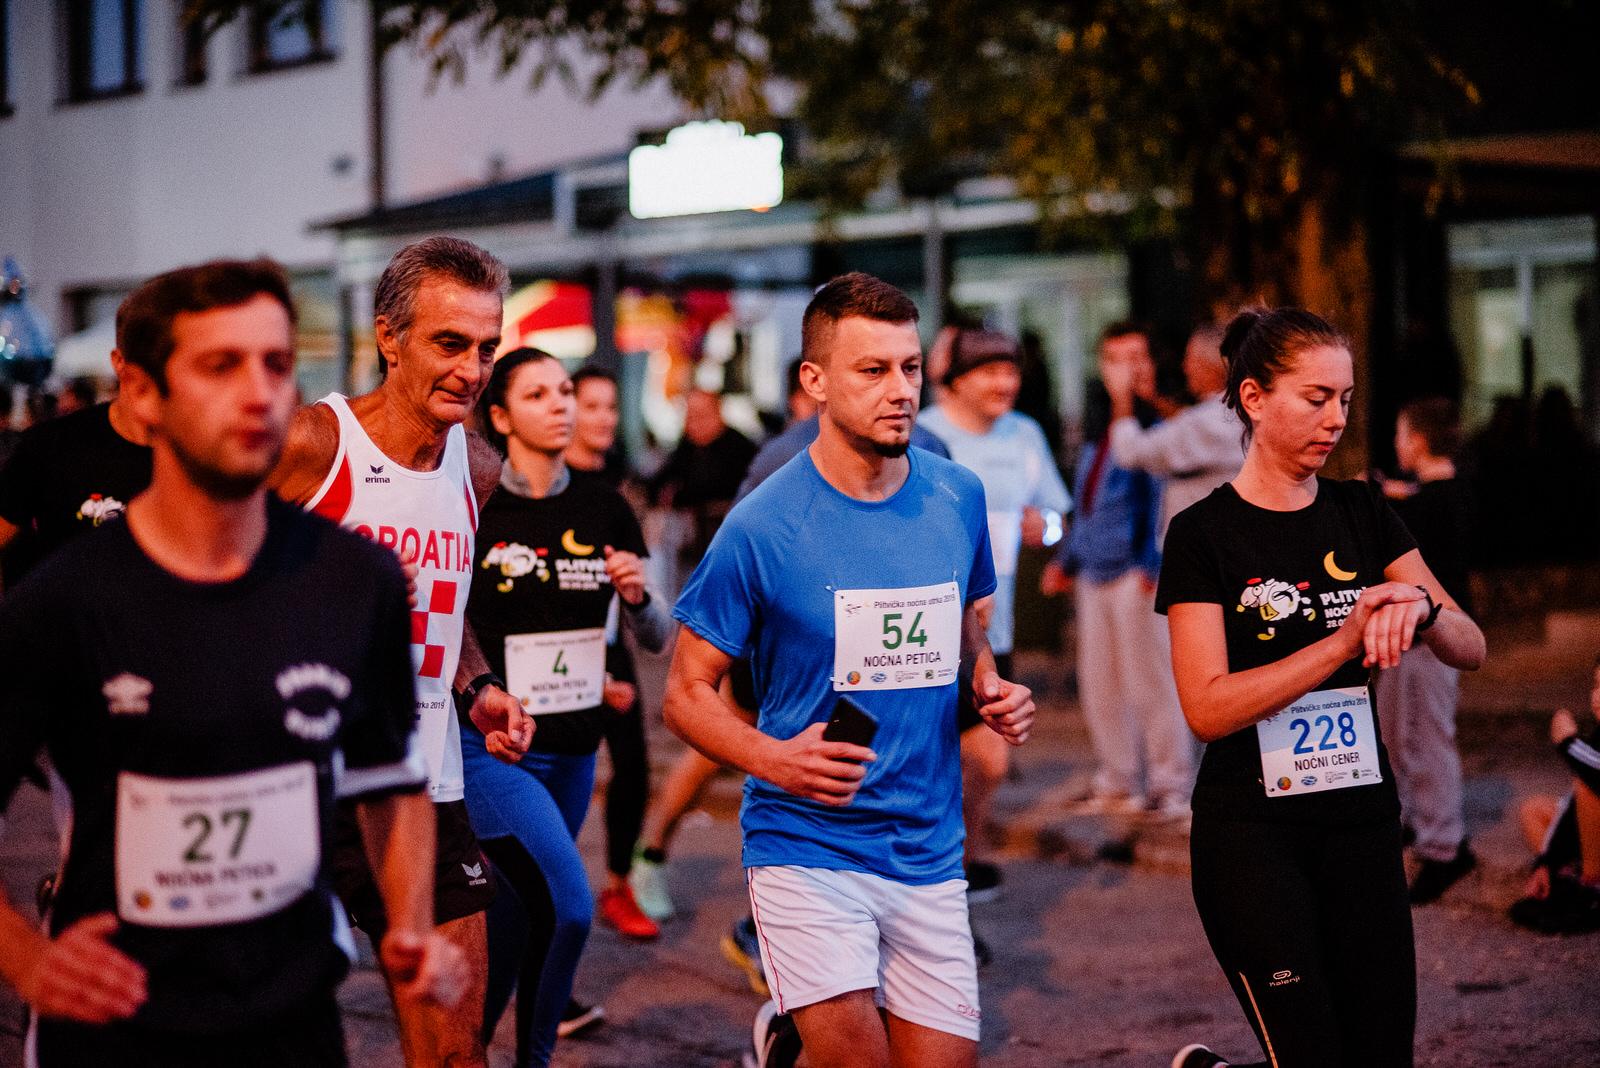 likaclub_korenica_noćna-utrka-2019-28